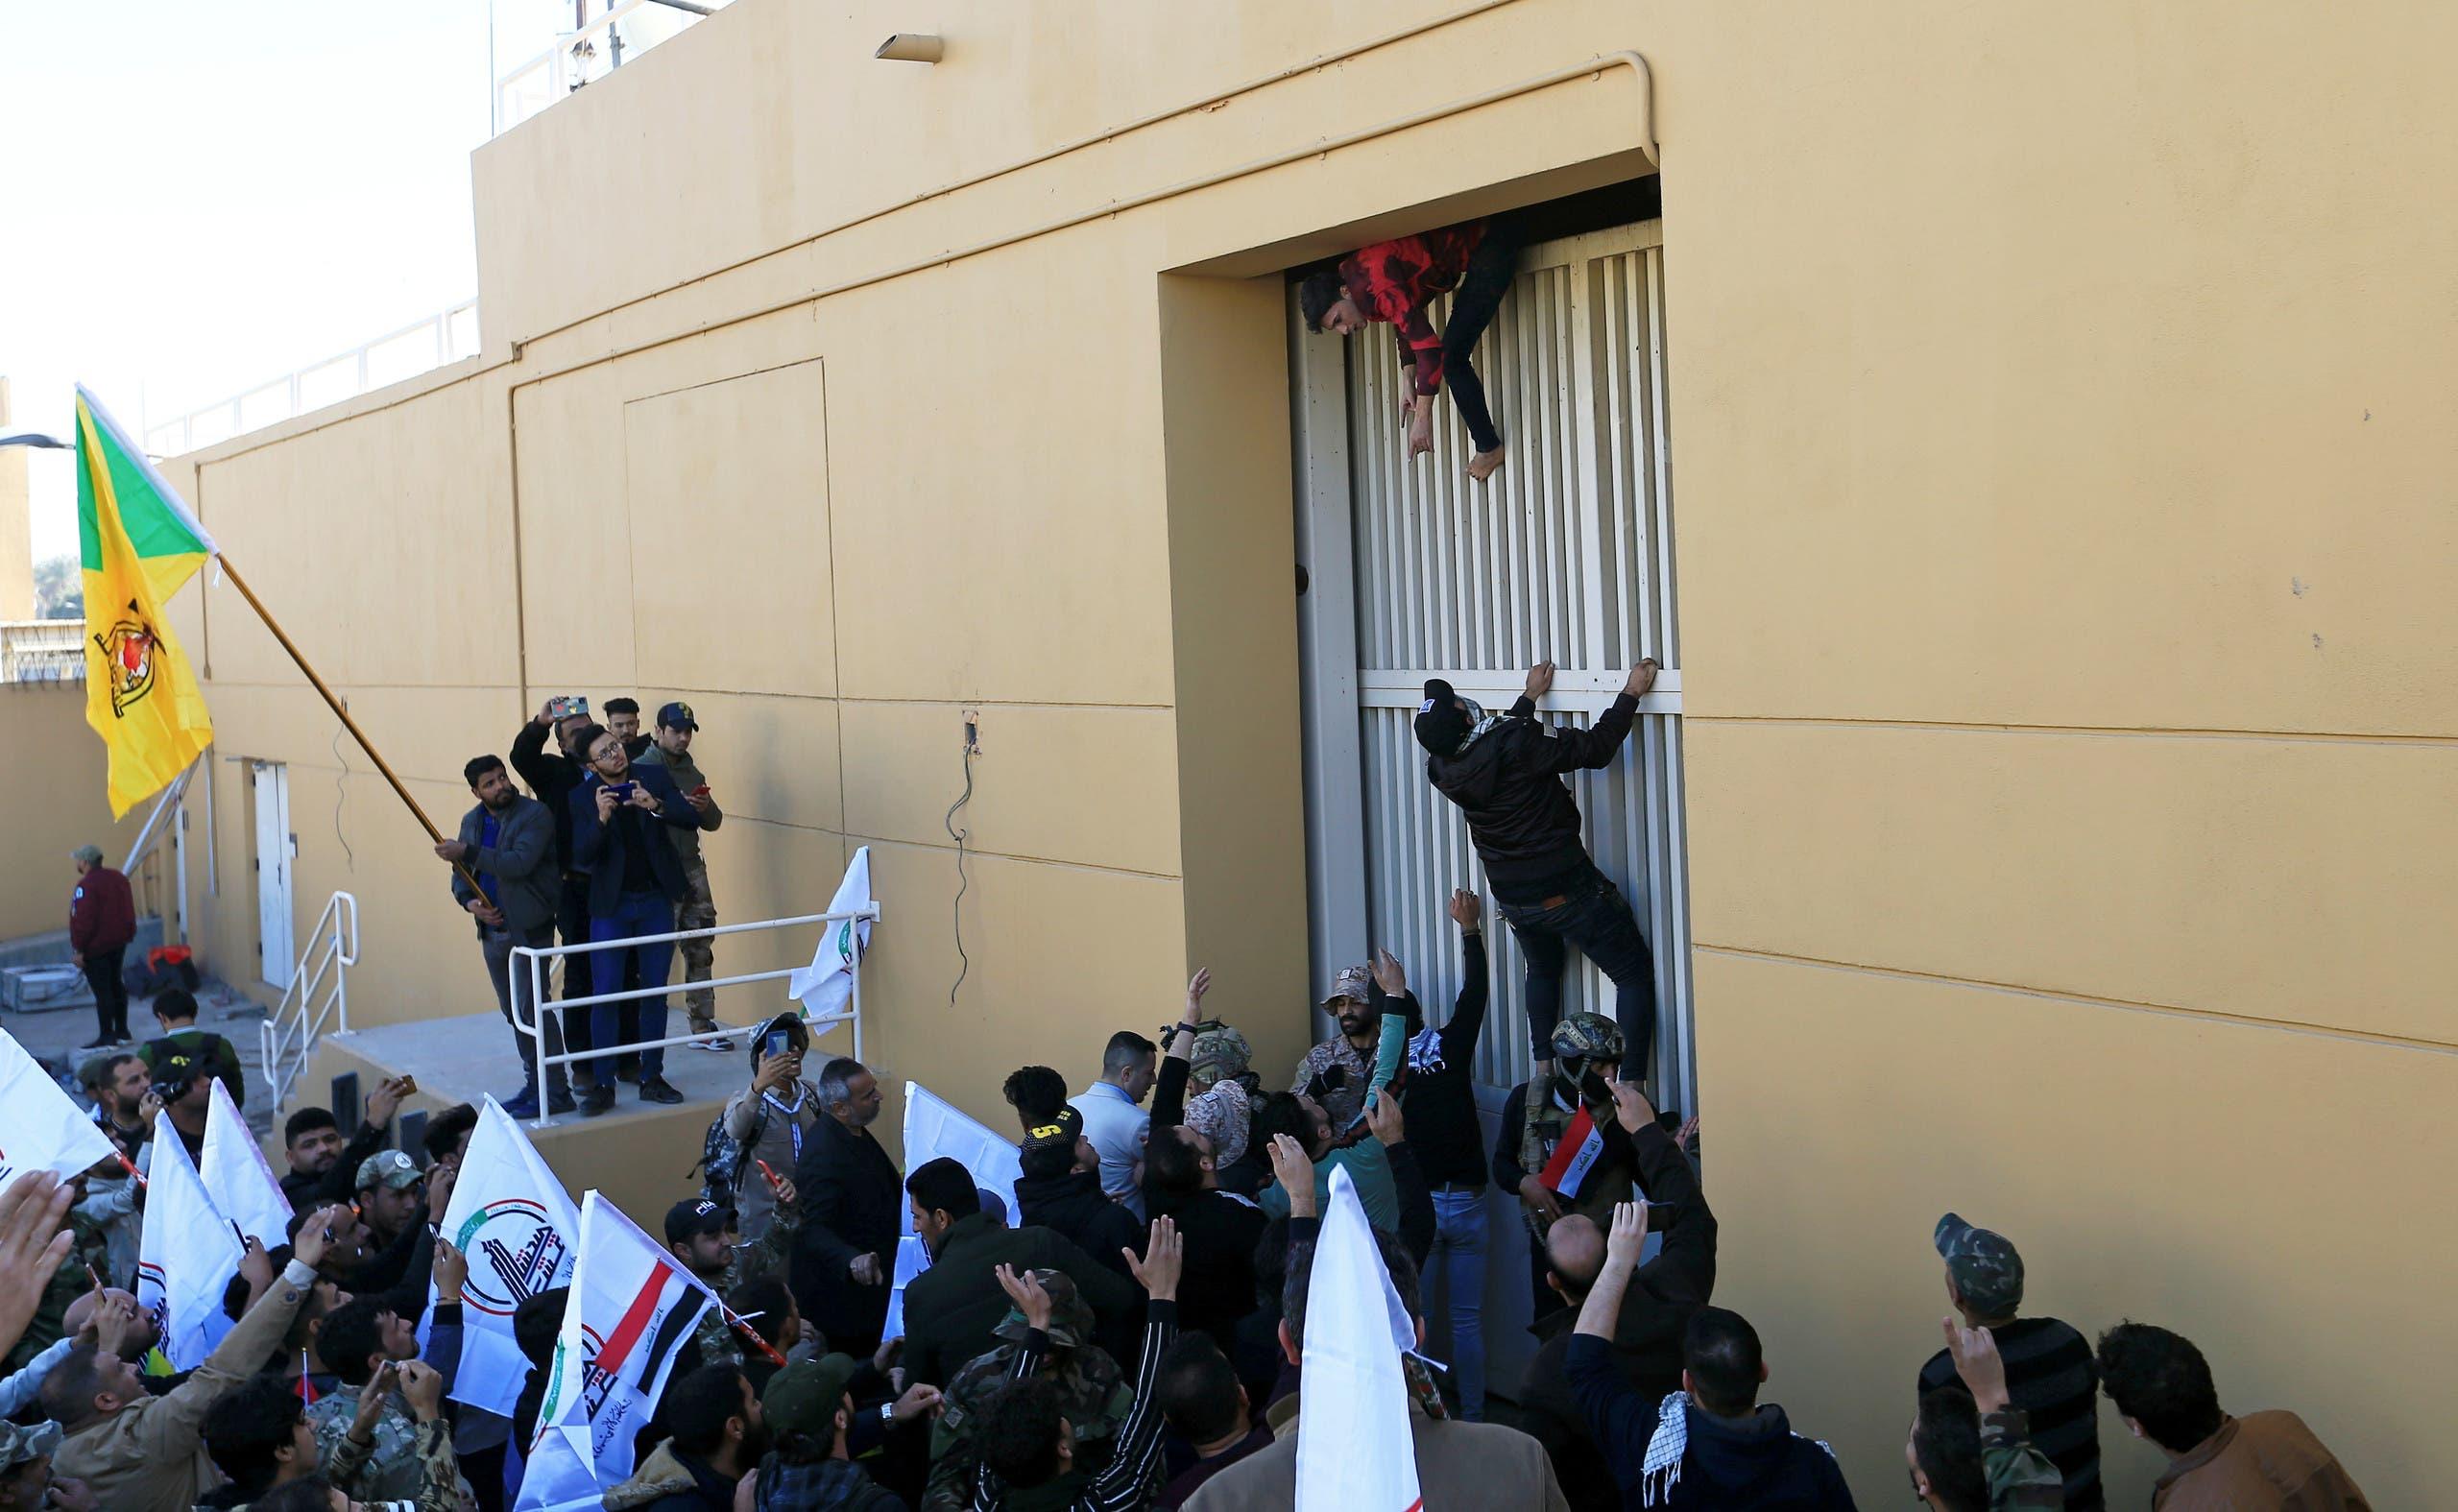 تلاش ناموفق شبهنظامیان هوادر ایران برای ورود به سفارت آمریکا در بغداد